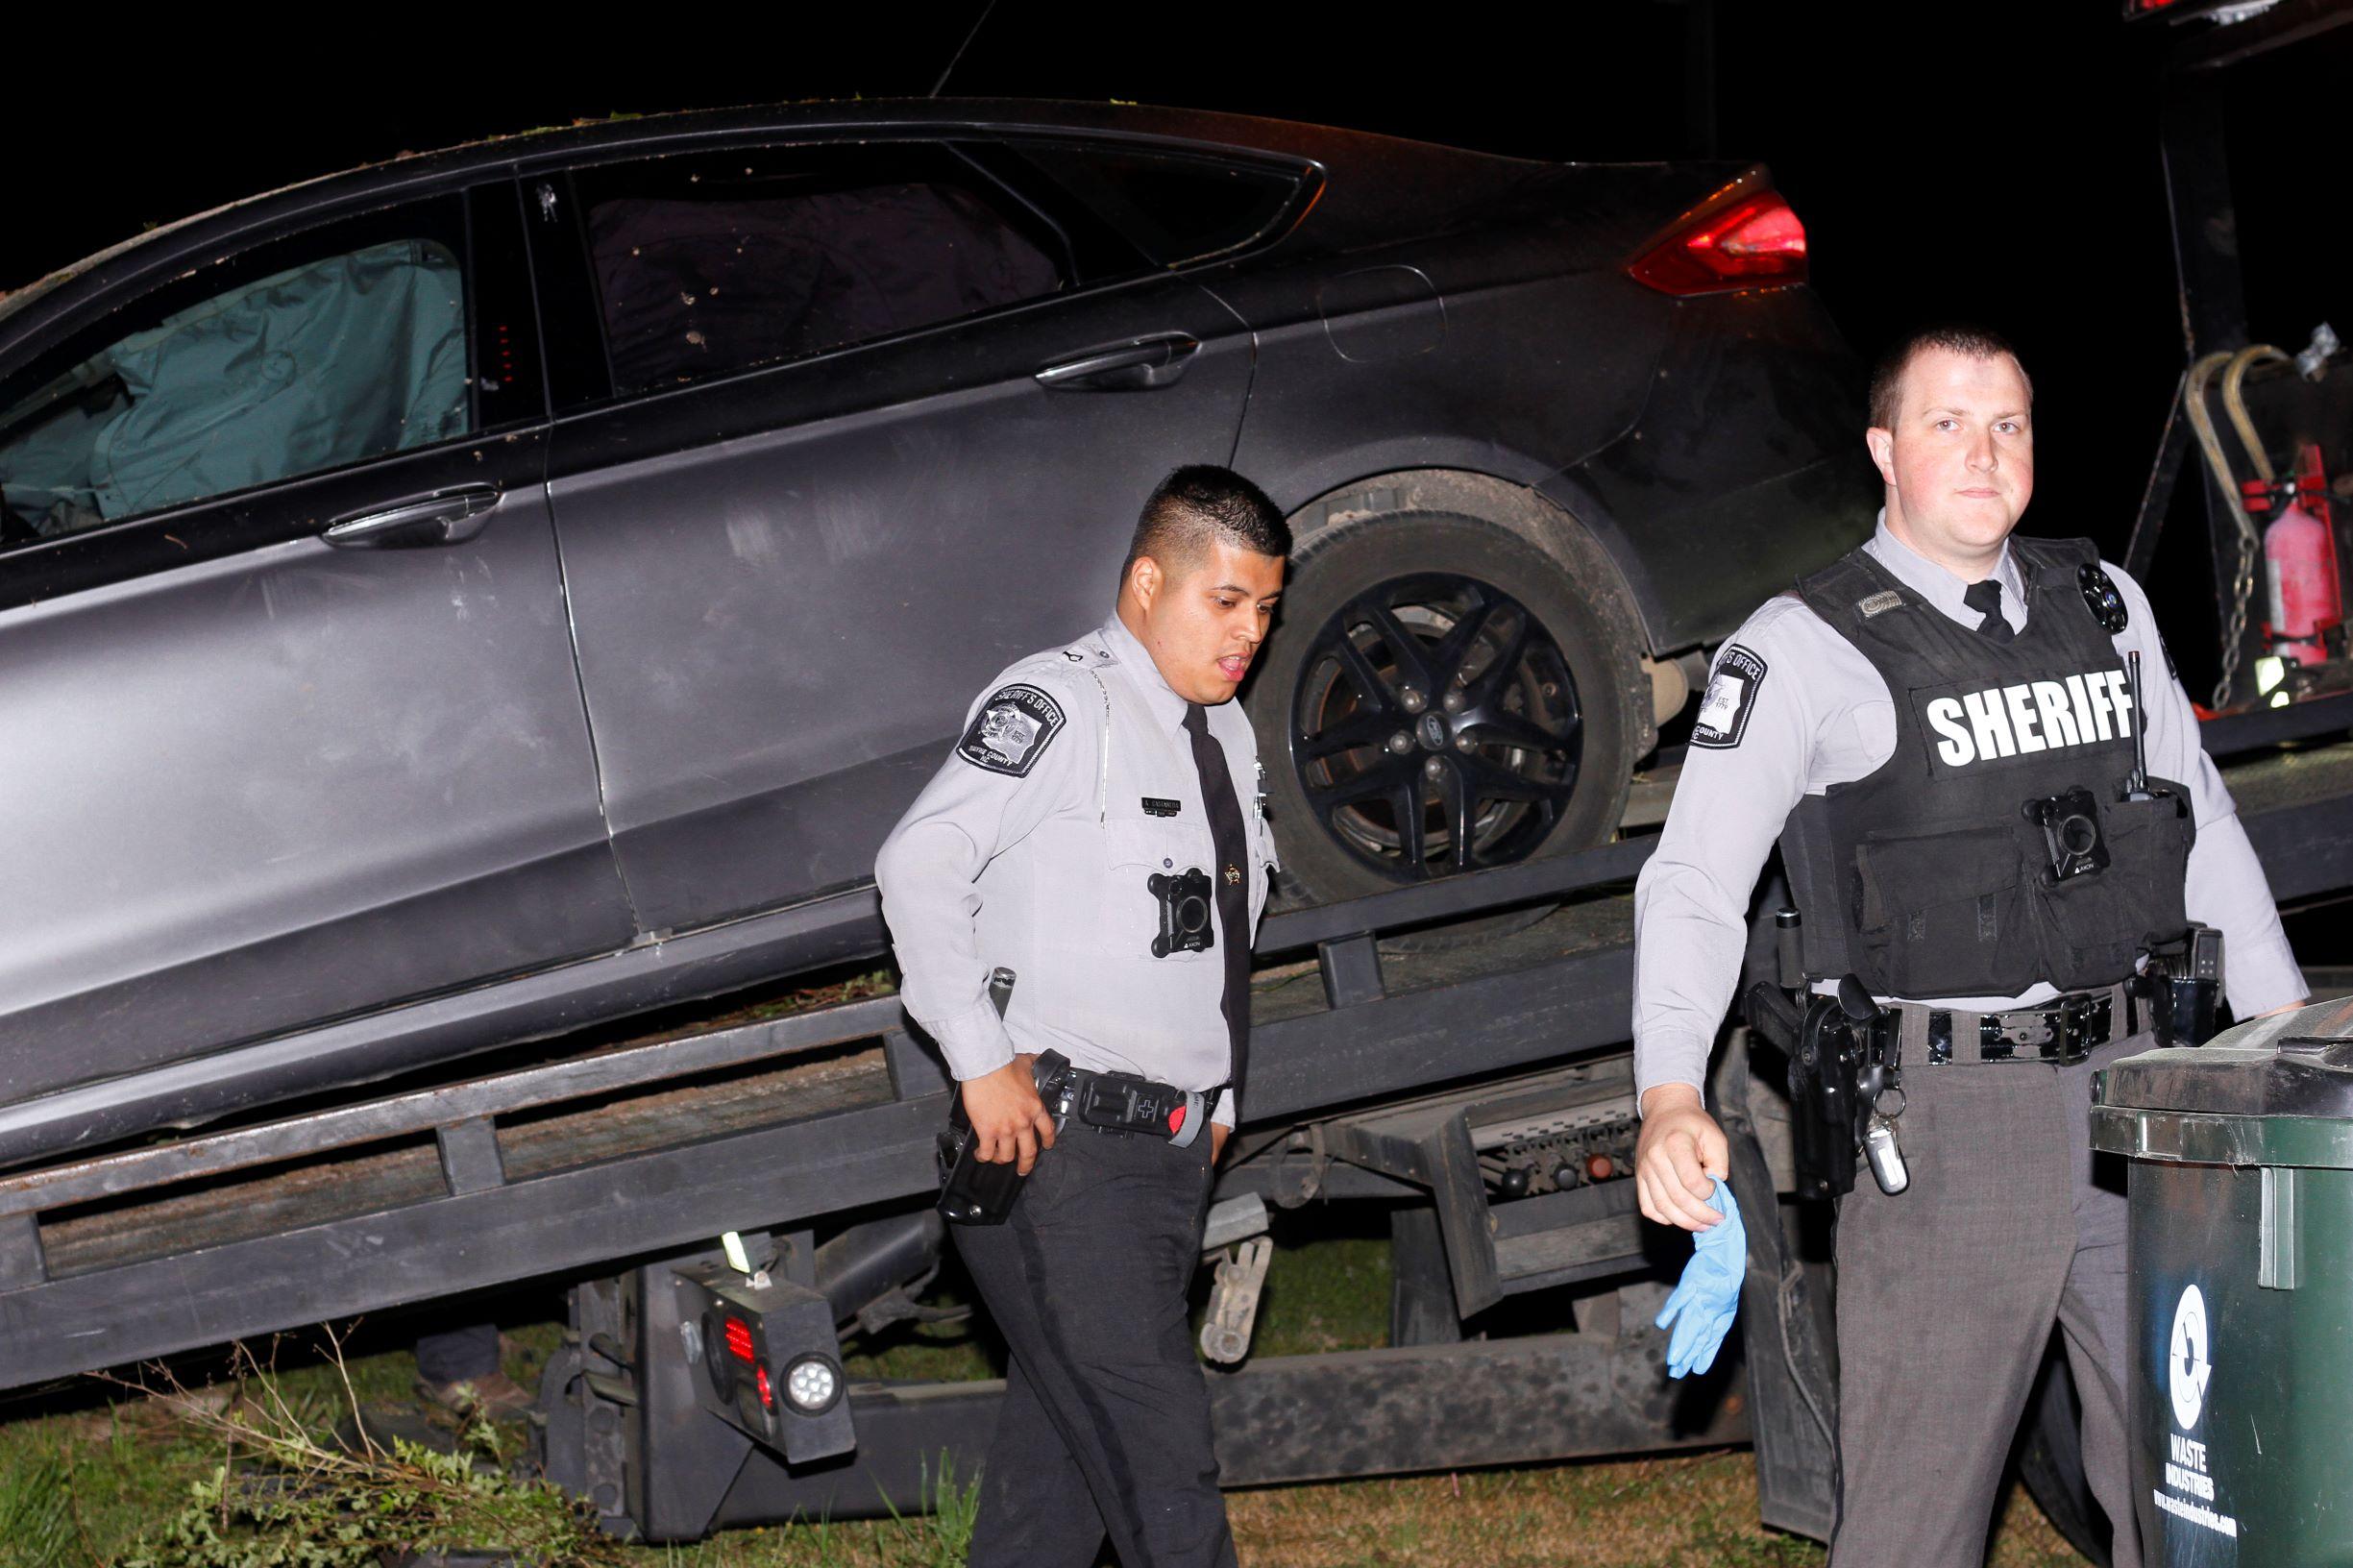 Car Crash Ends Brief Police Chase (PHOTOS)